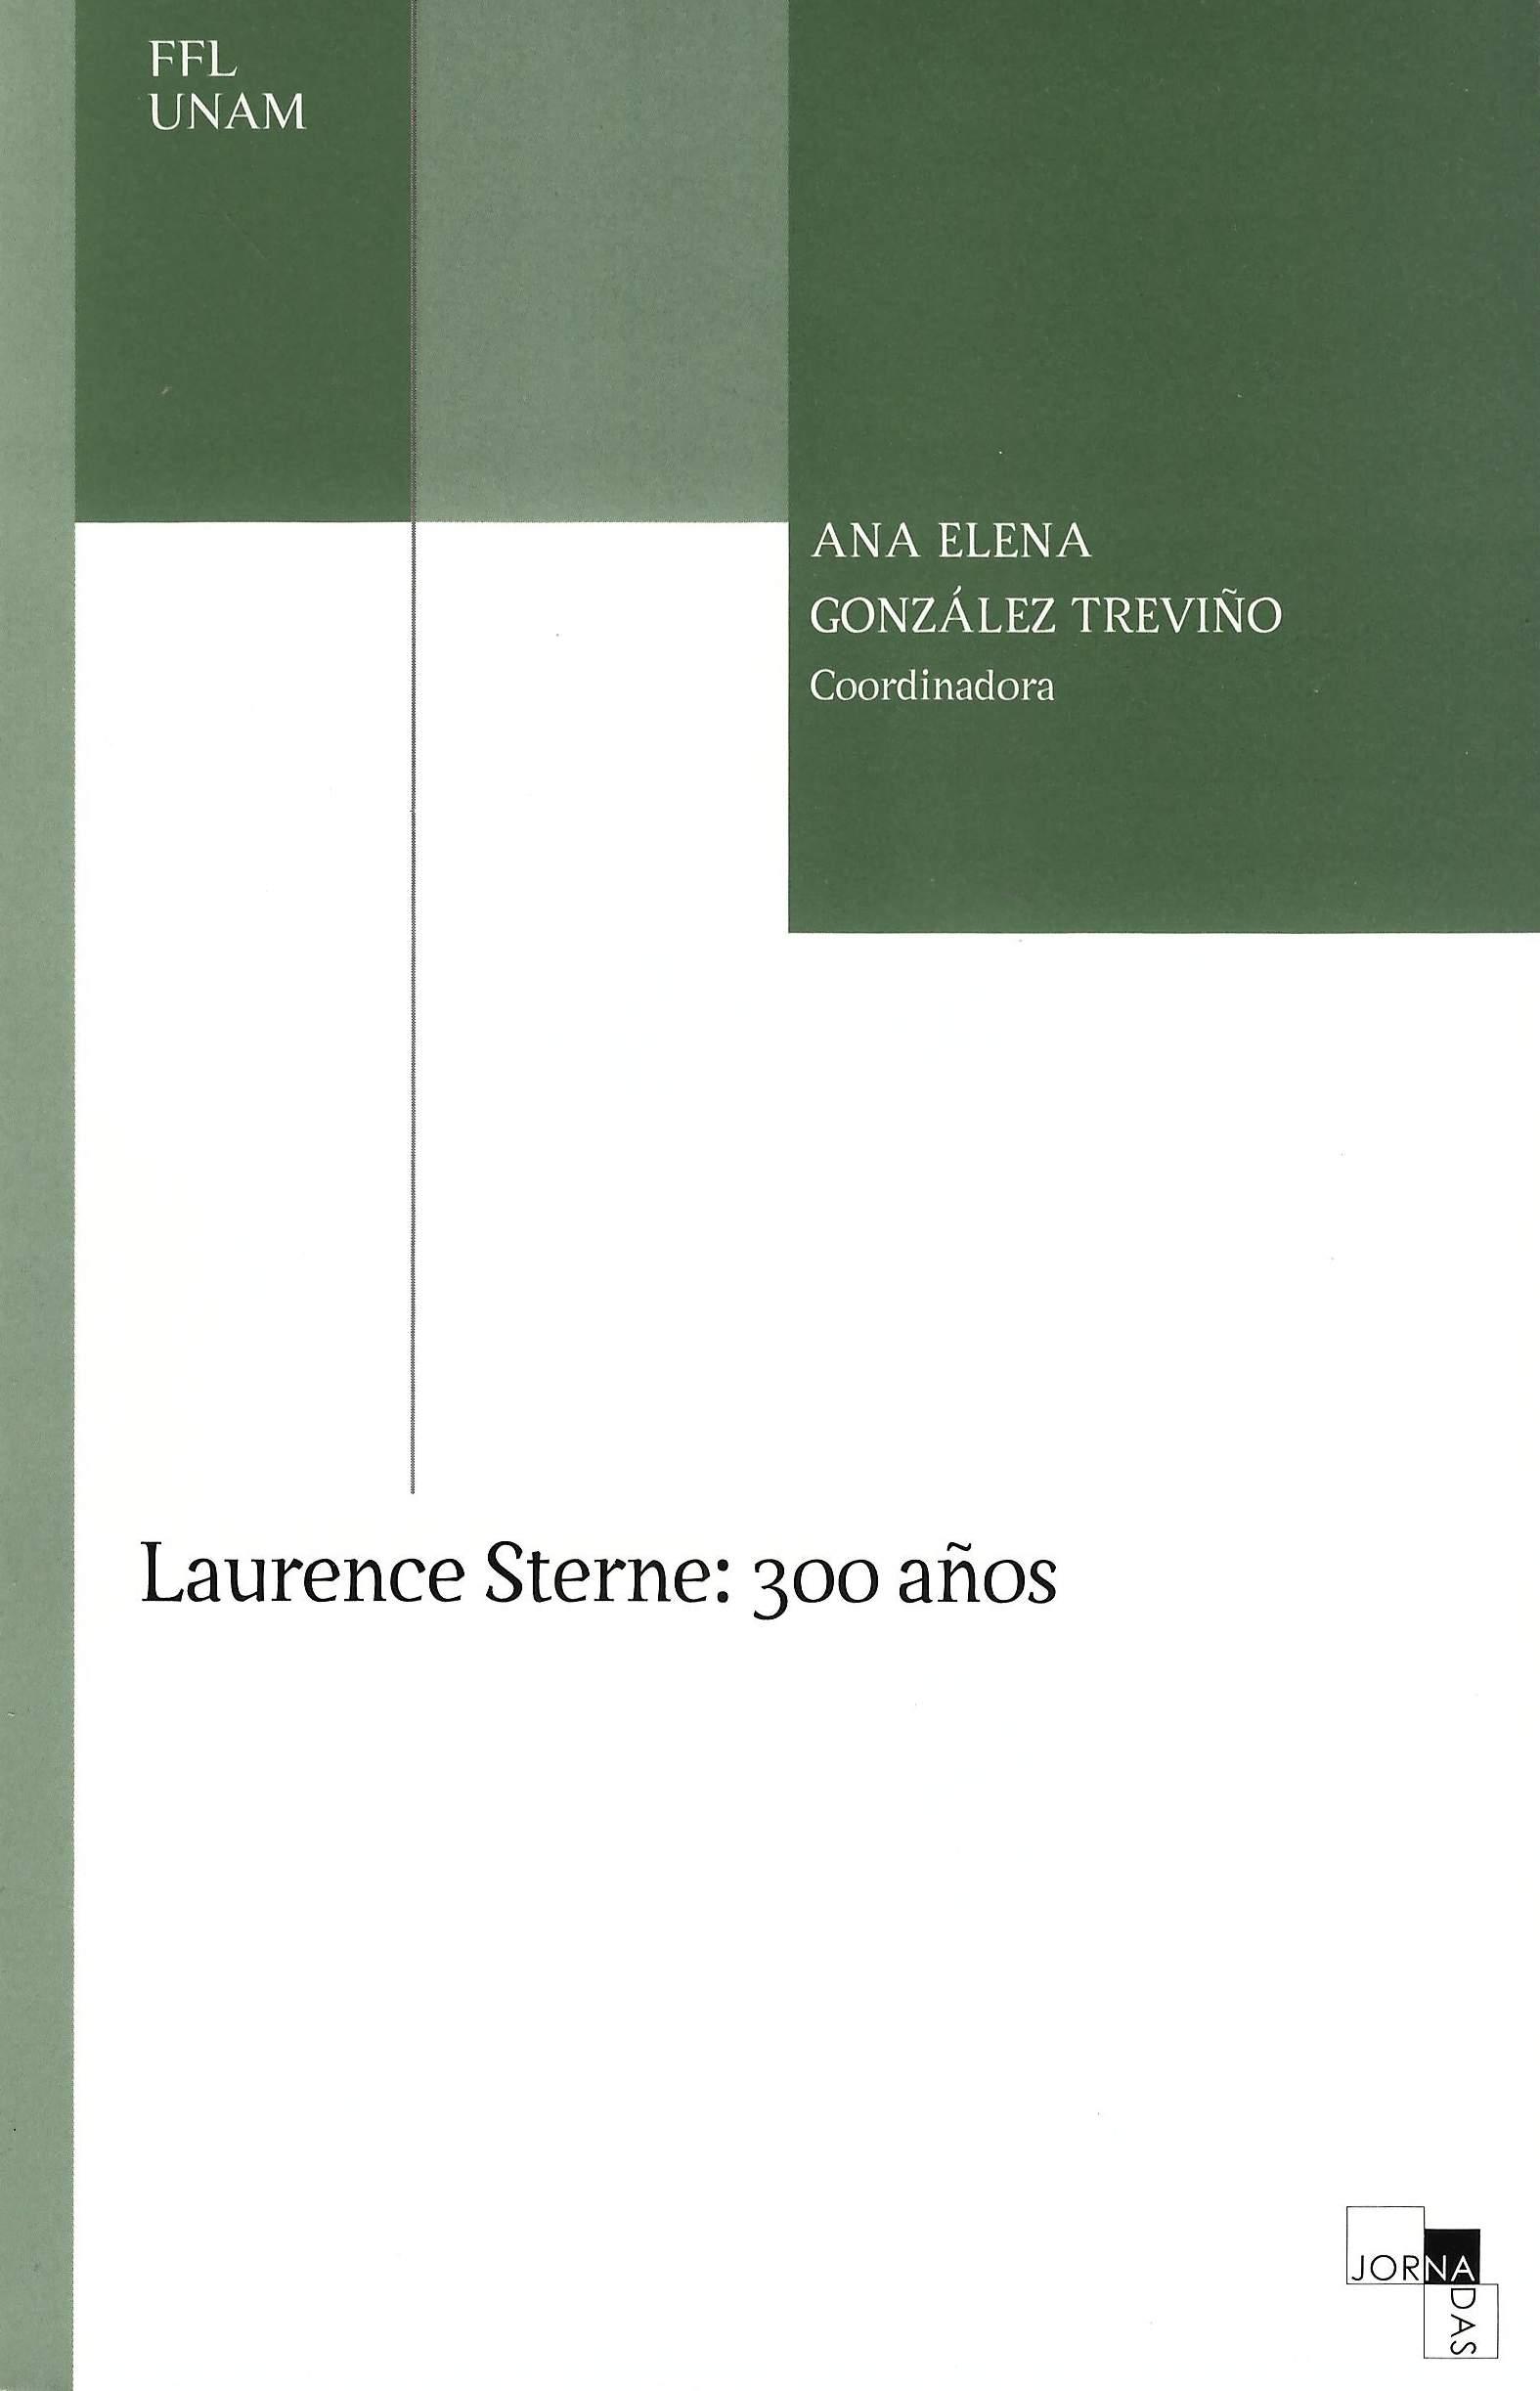 Laurence Sterne: 300 años